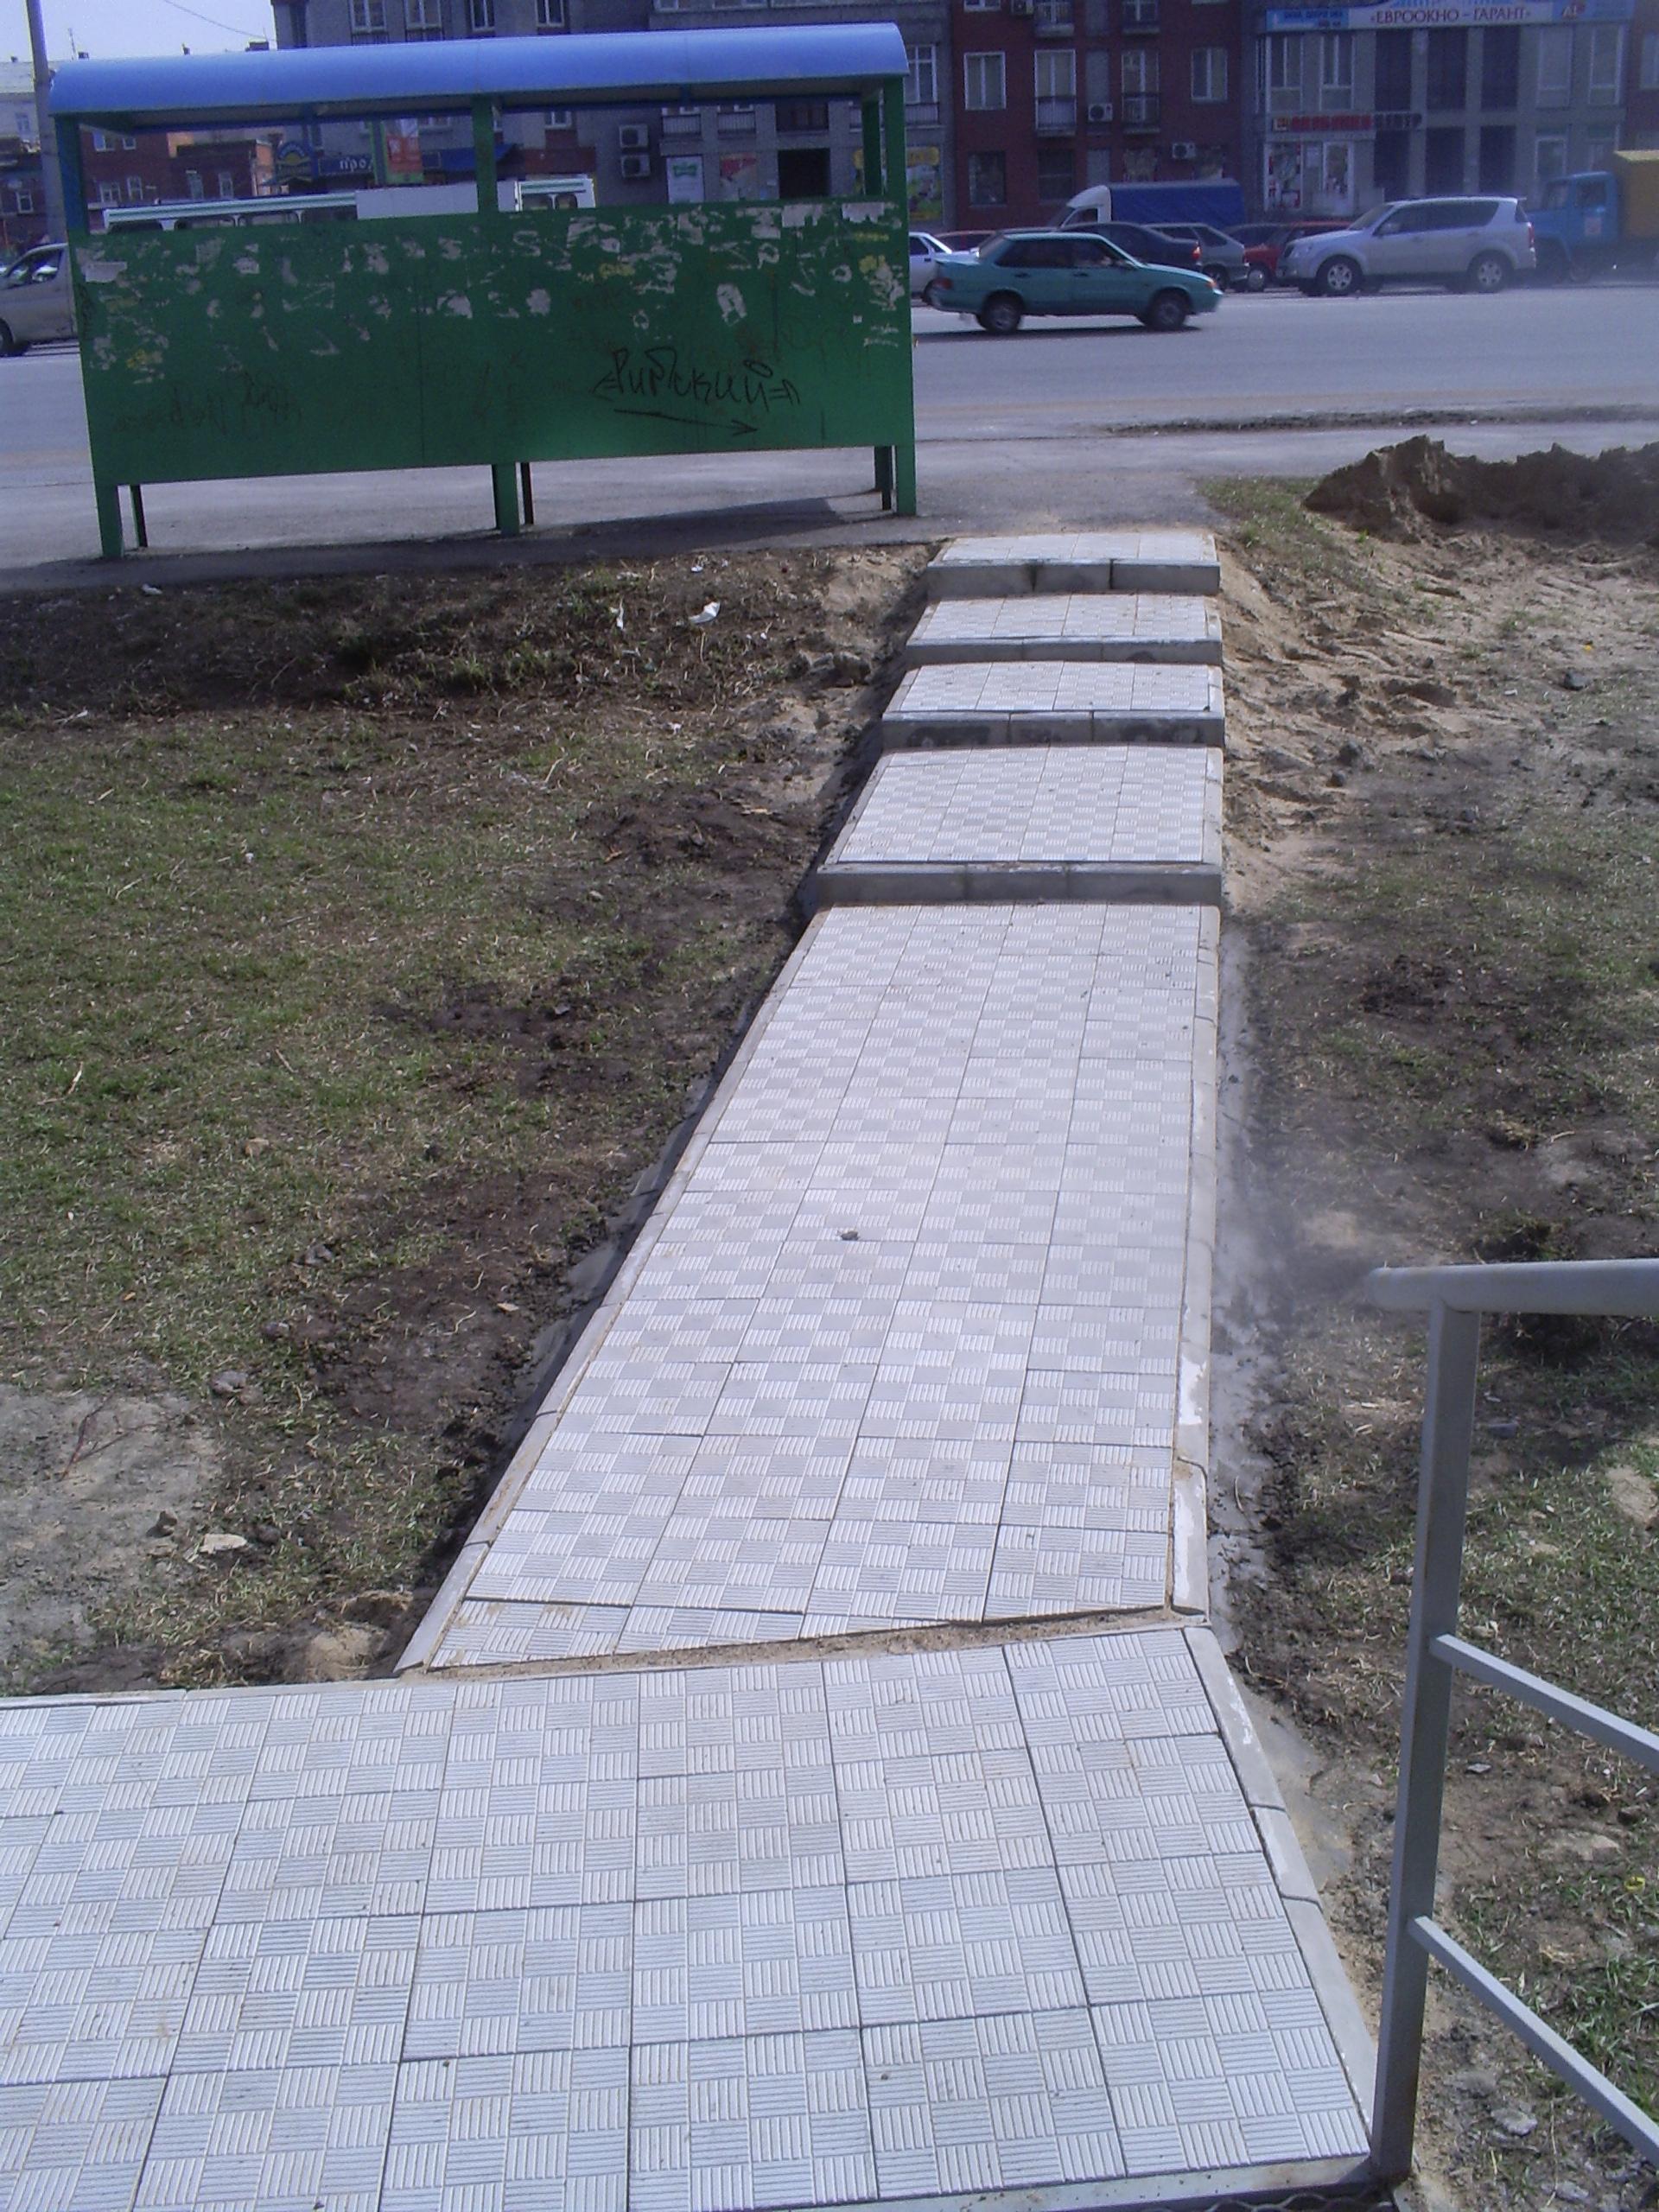 http://plitka-omsk55.ru/images/upload/S5031158.JPG